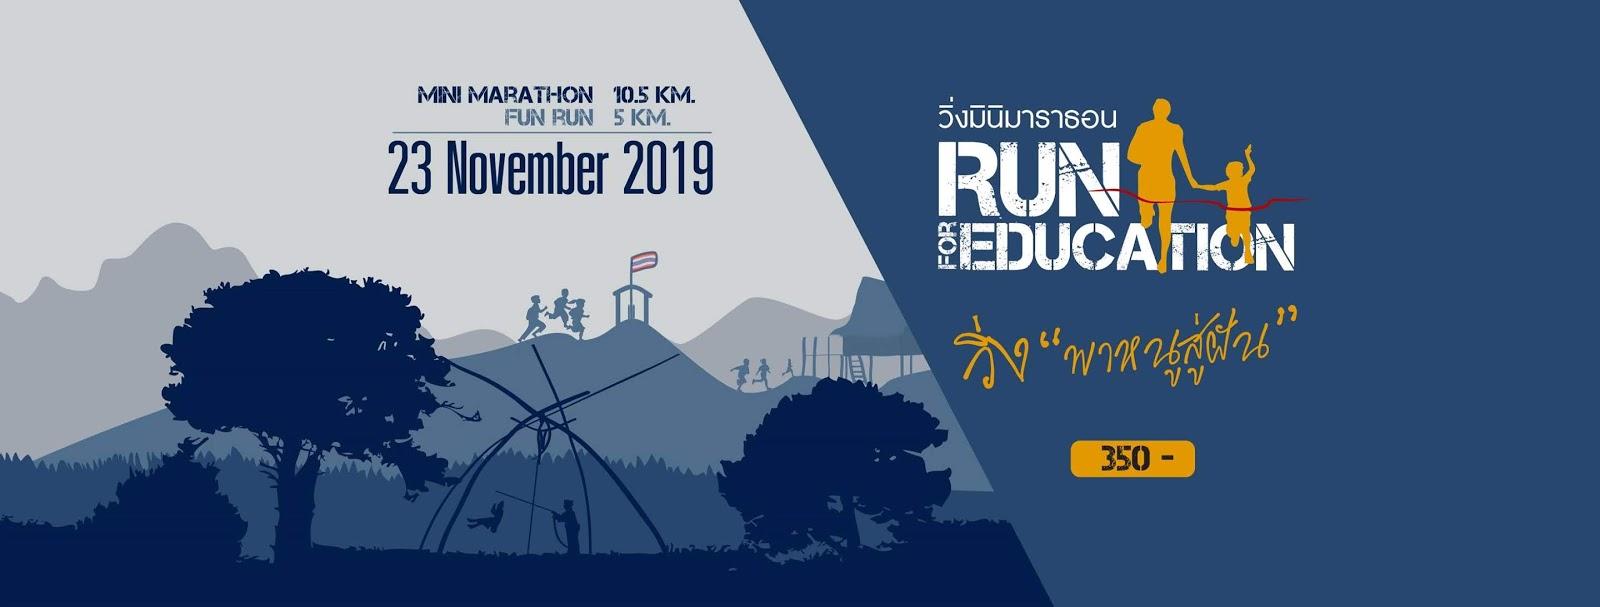 """งานวิ่งเชียงใหม่ Run for Education วิ่ง """"พาหนูสู่ฝัน"""" วันอาทิตย์ที่ 23 พฤศจิกายน 2562 ณ กรมการทหารราบที่ 7 (แม่ริม, เชียงใหม่) วิ่งเชียงใหม่ มินิมาราธอน"""